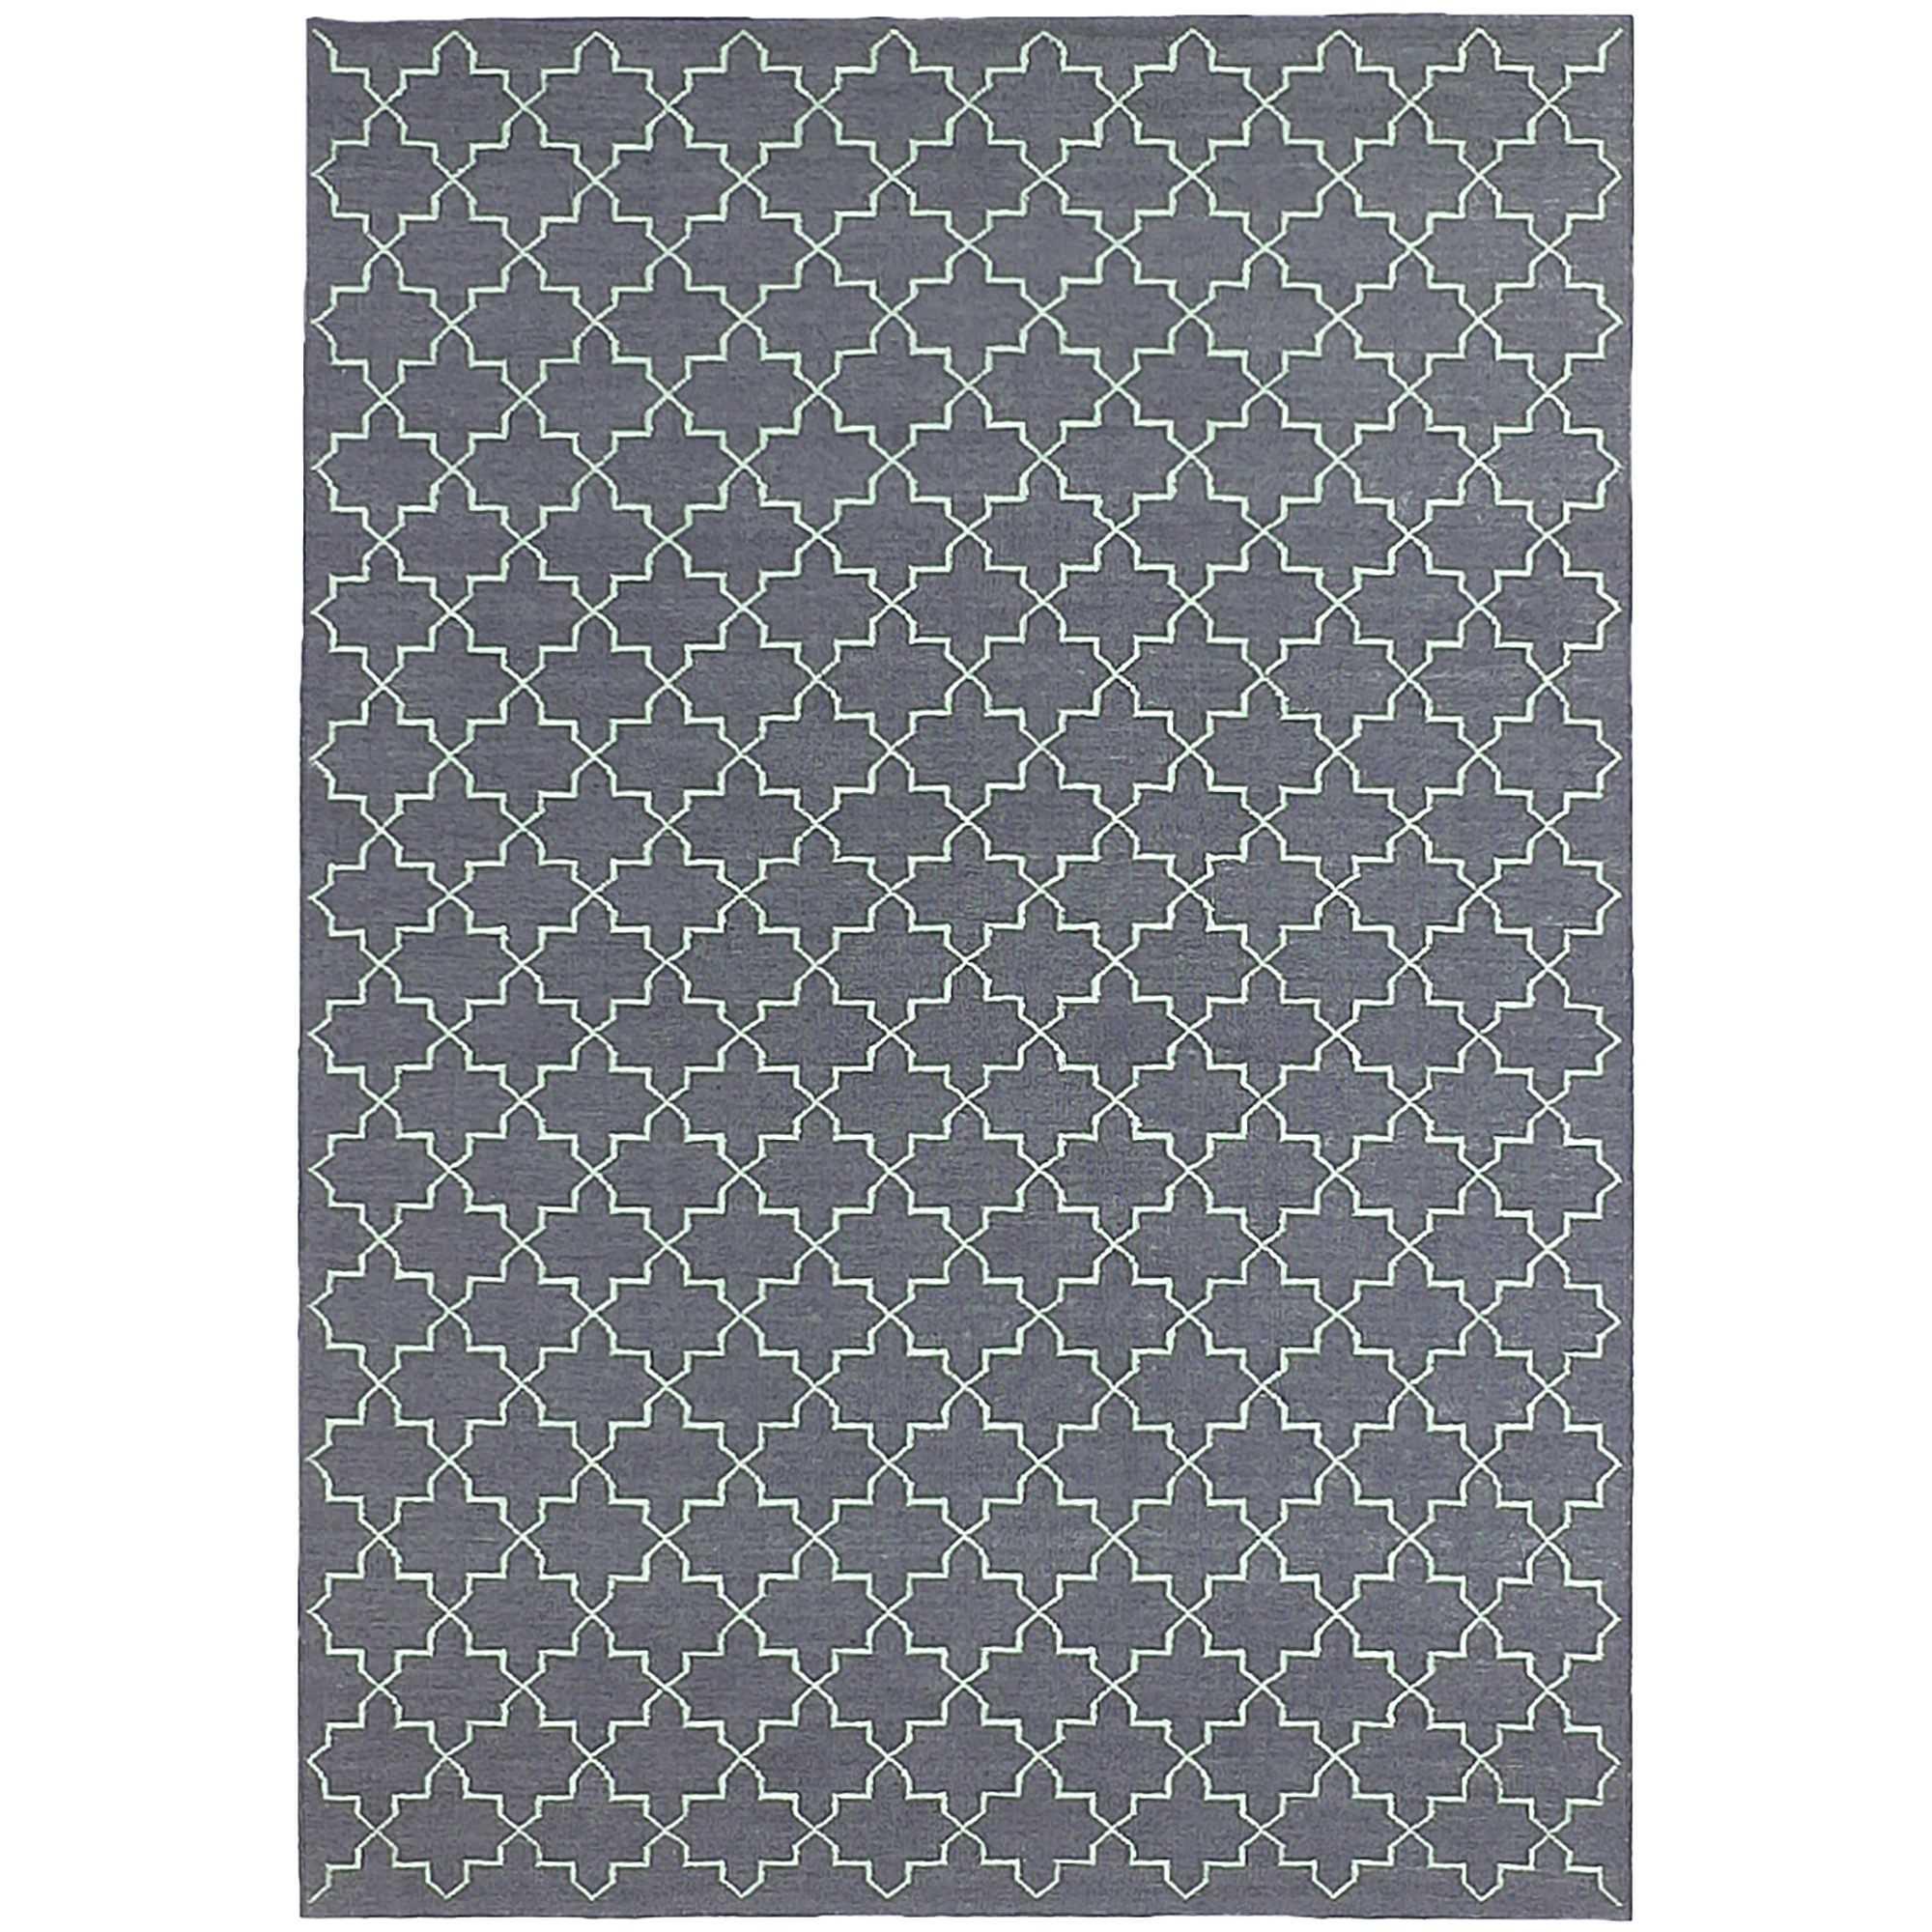 Moroc Hand Woven Wool Rug, 300x400cm, Grey